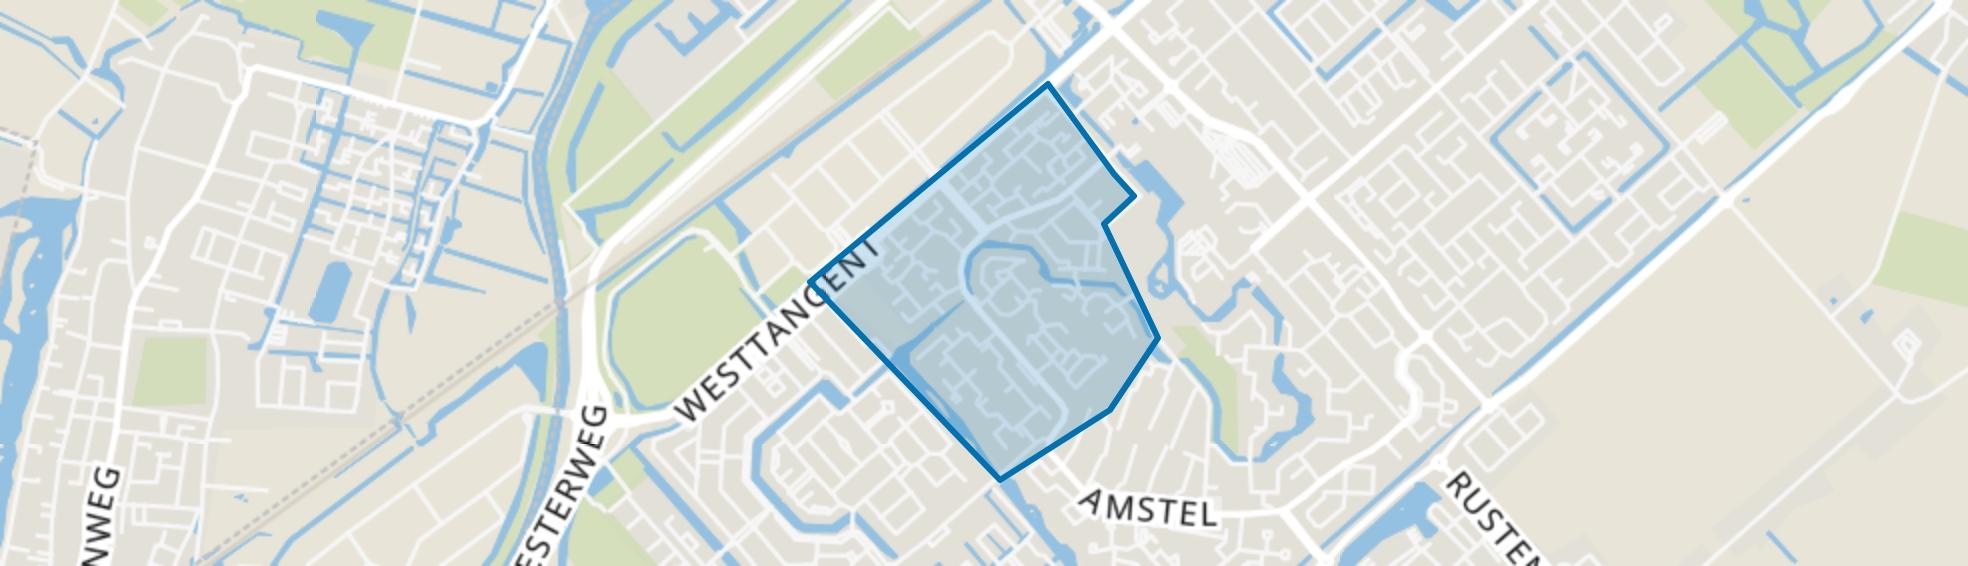 Edelstenenwijk, Heerhugowaard map